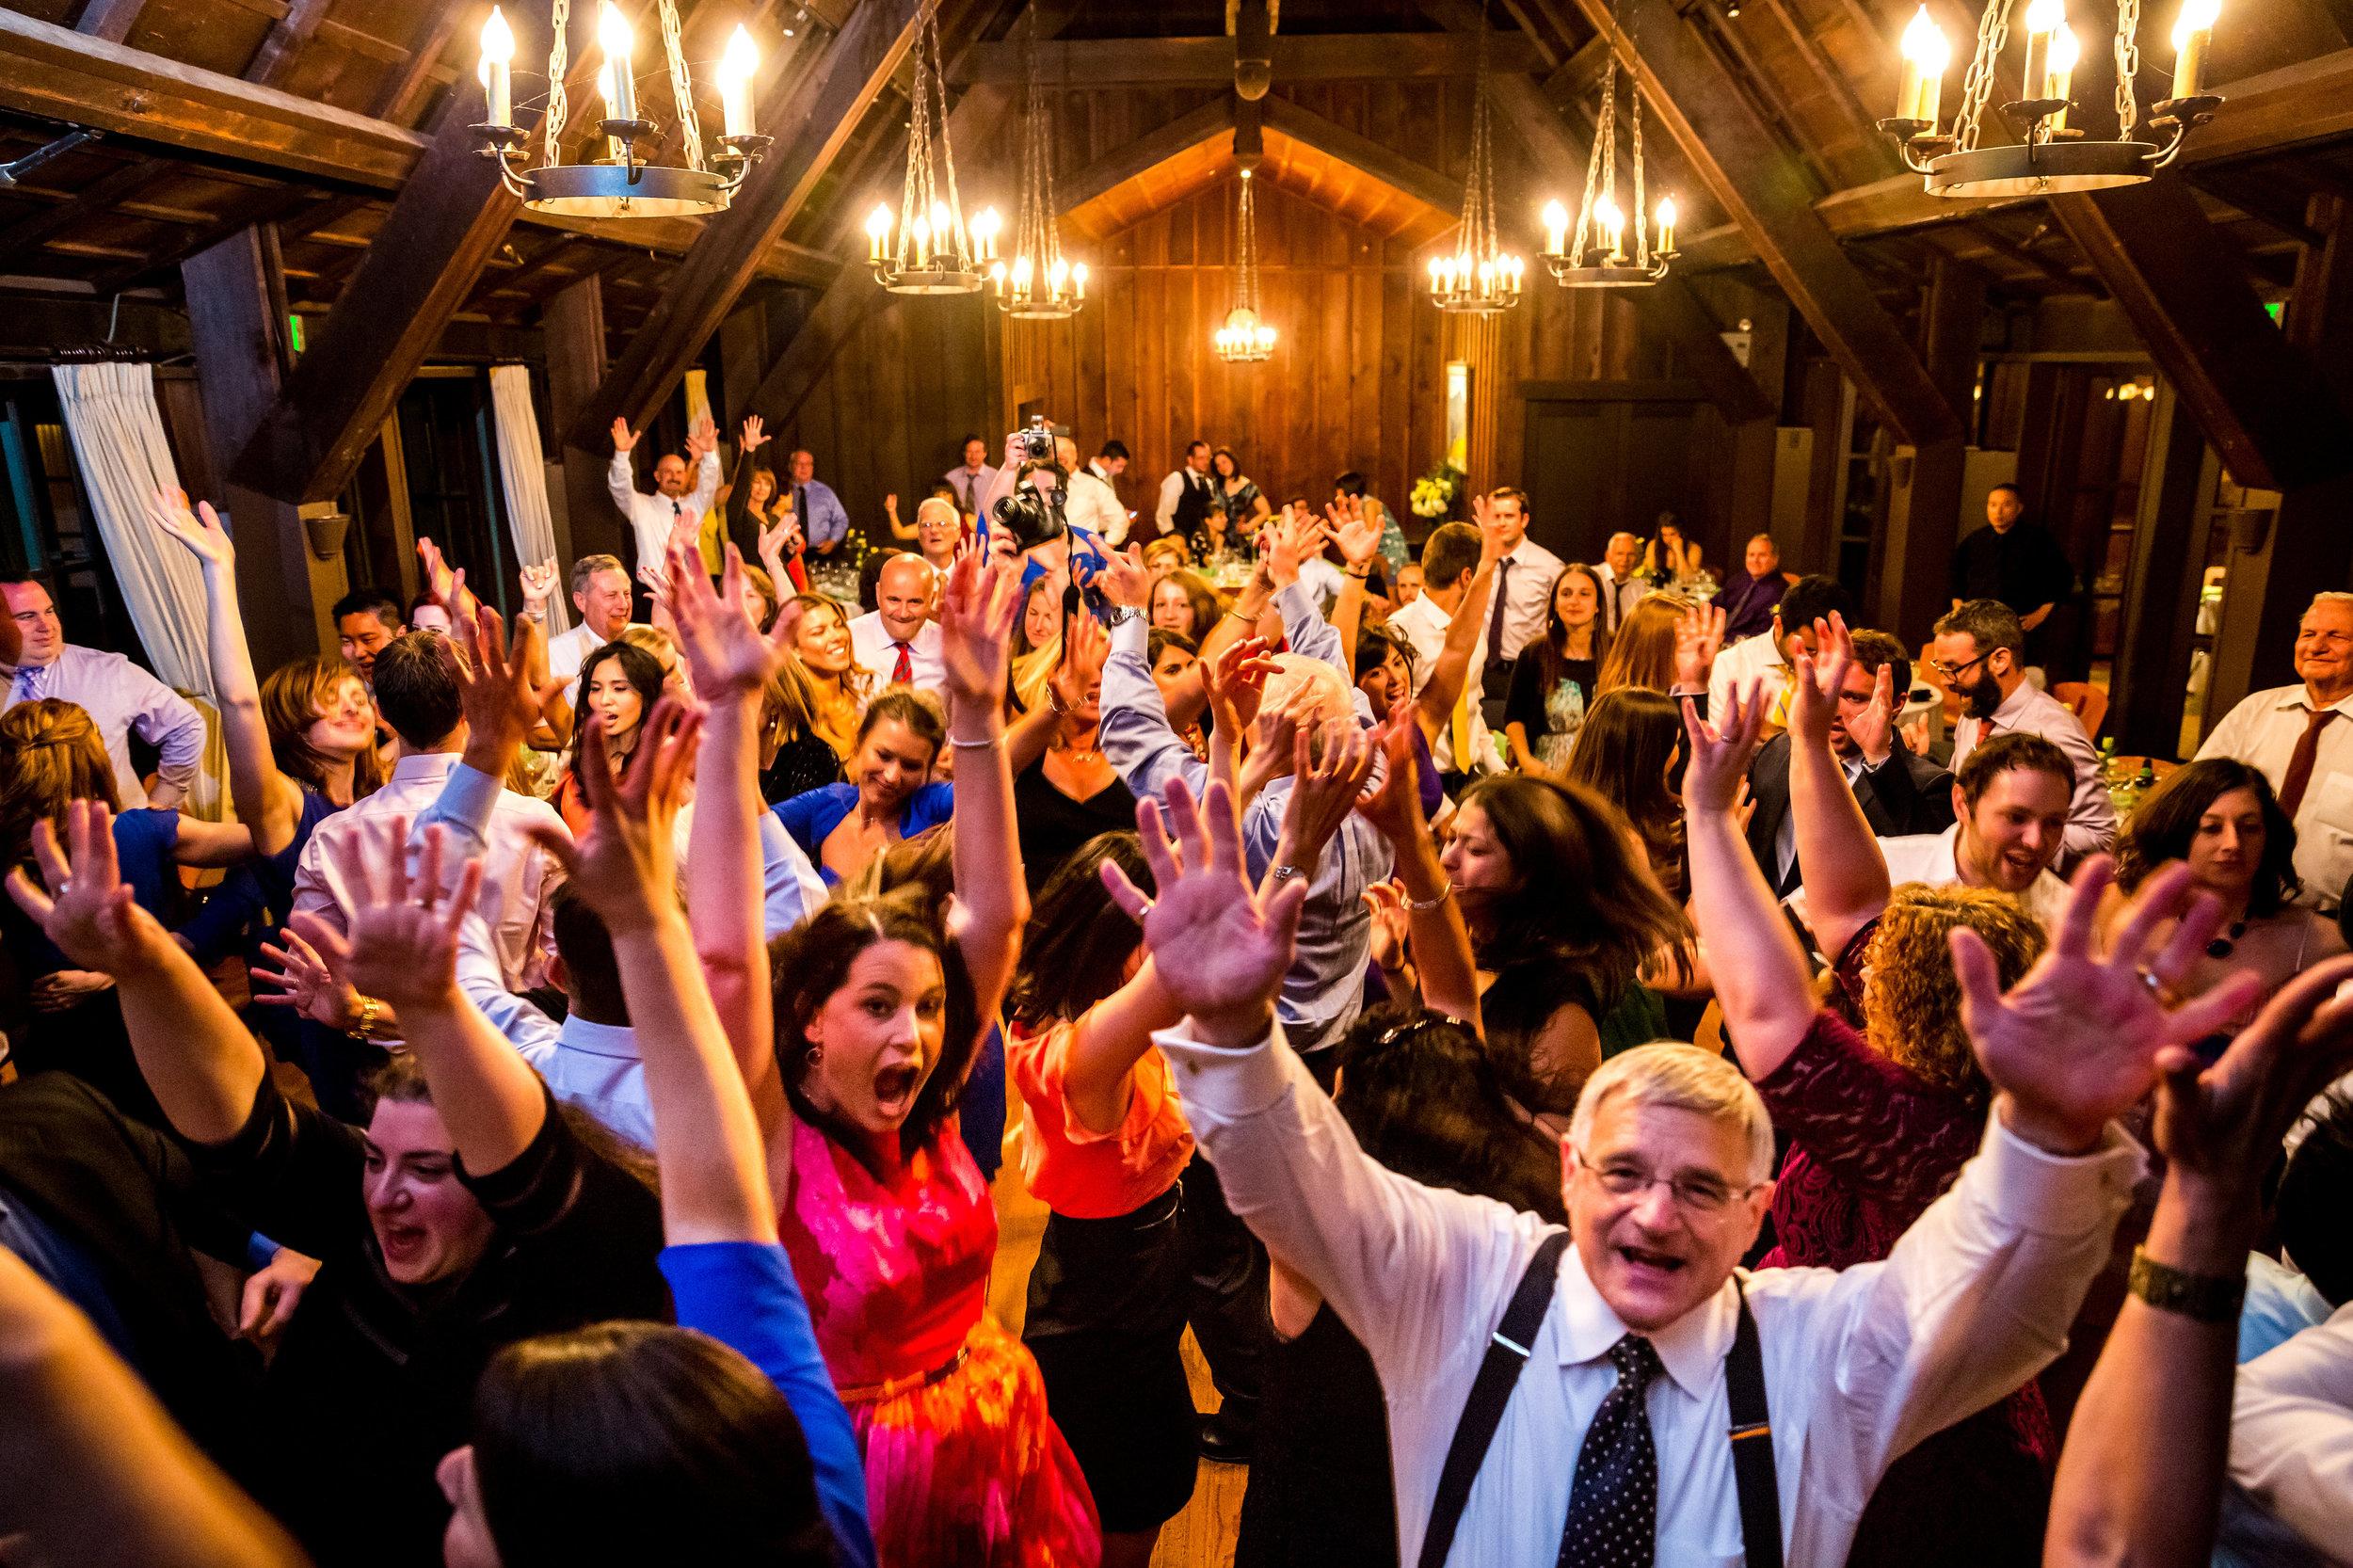 Pack your wedding dance floor!